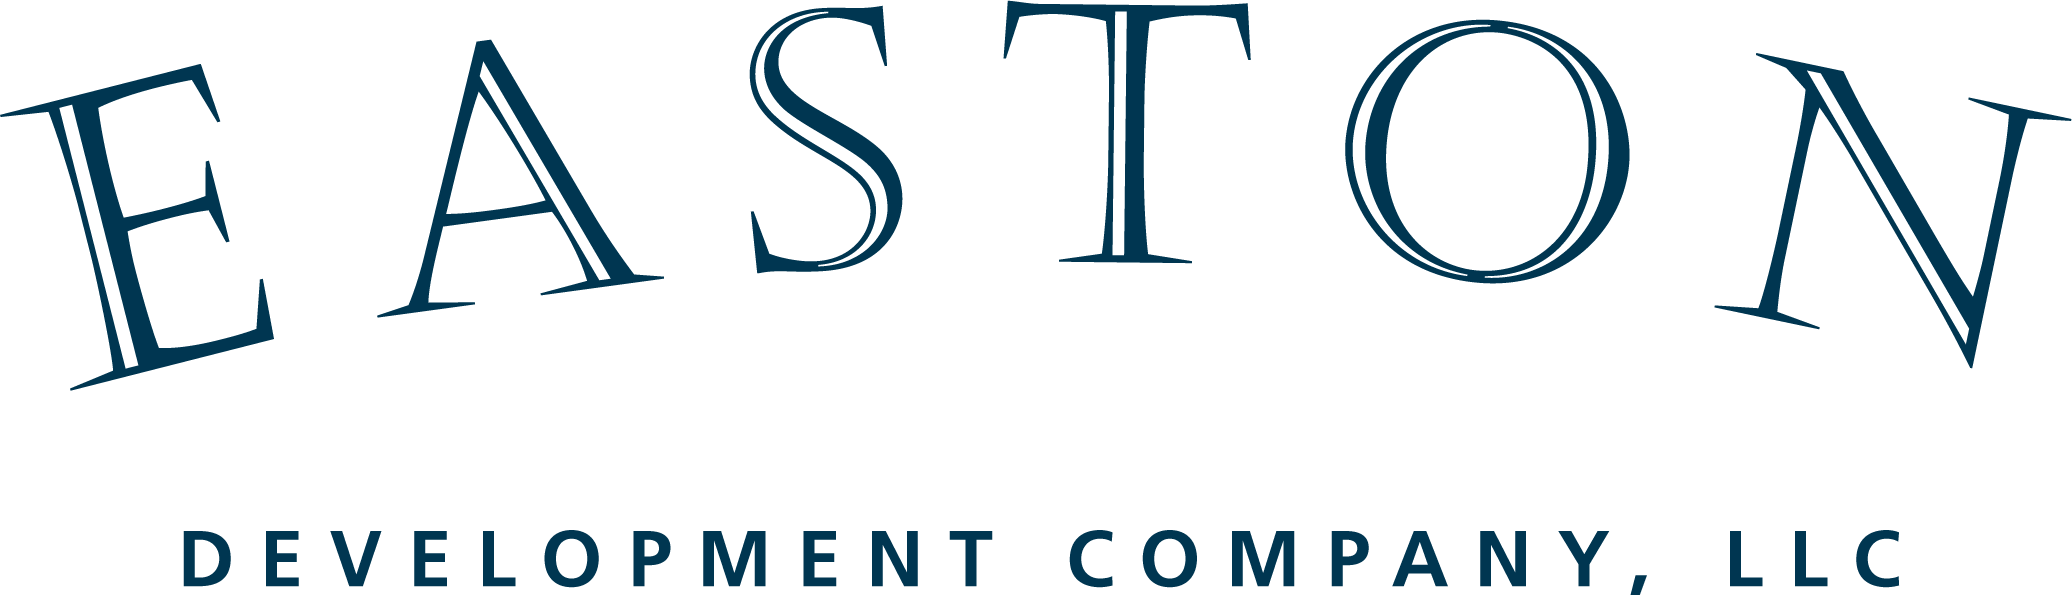 伊斯顿发展公司的标志